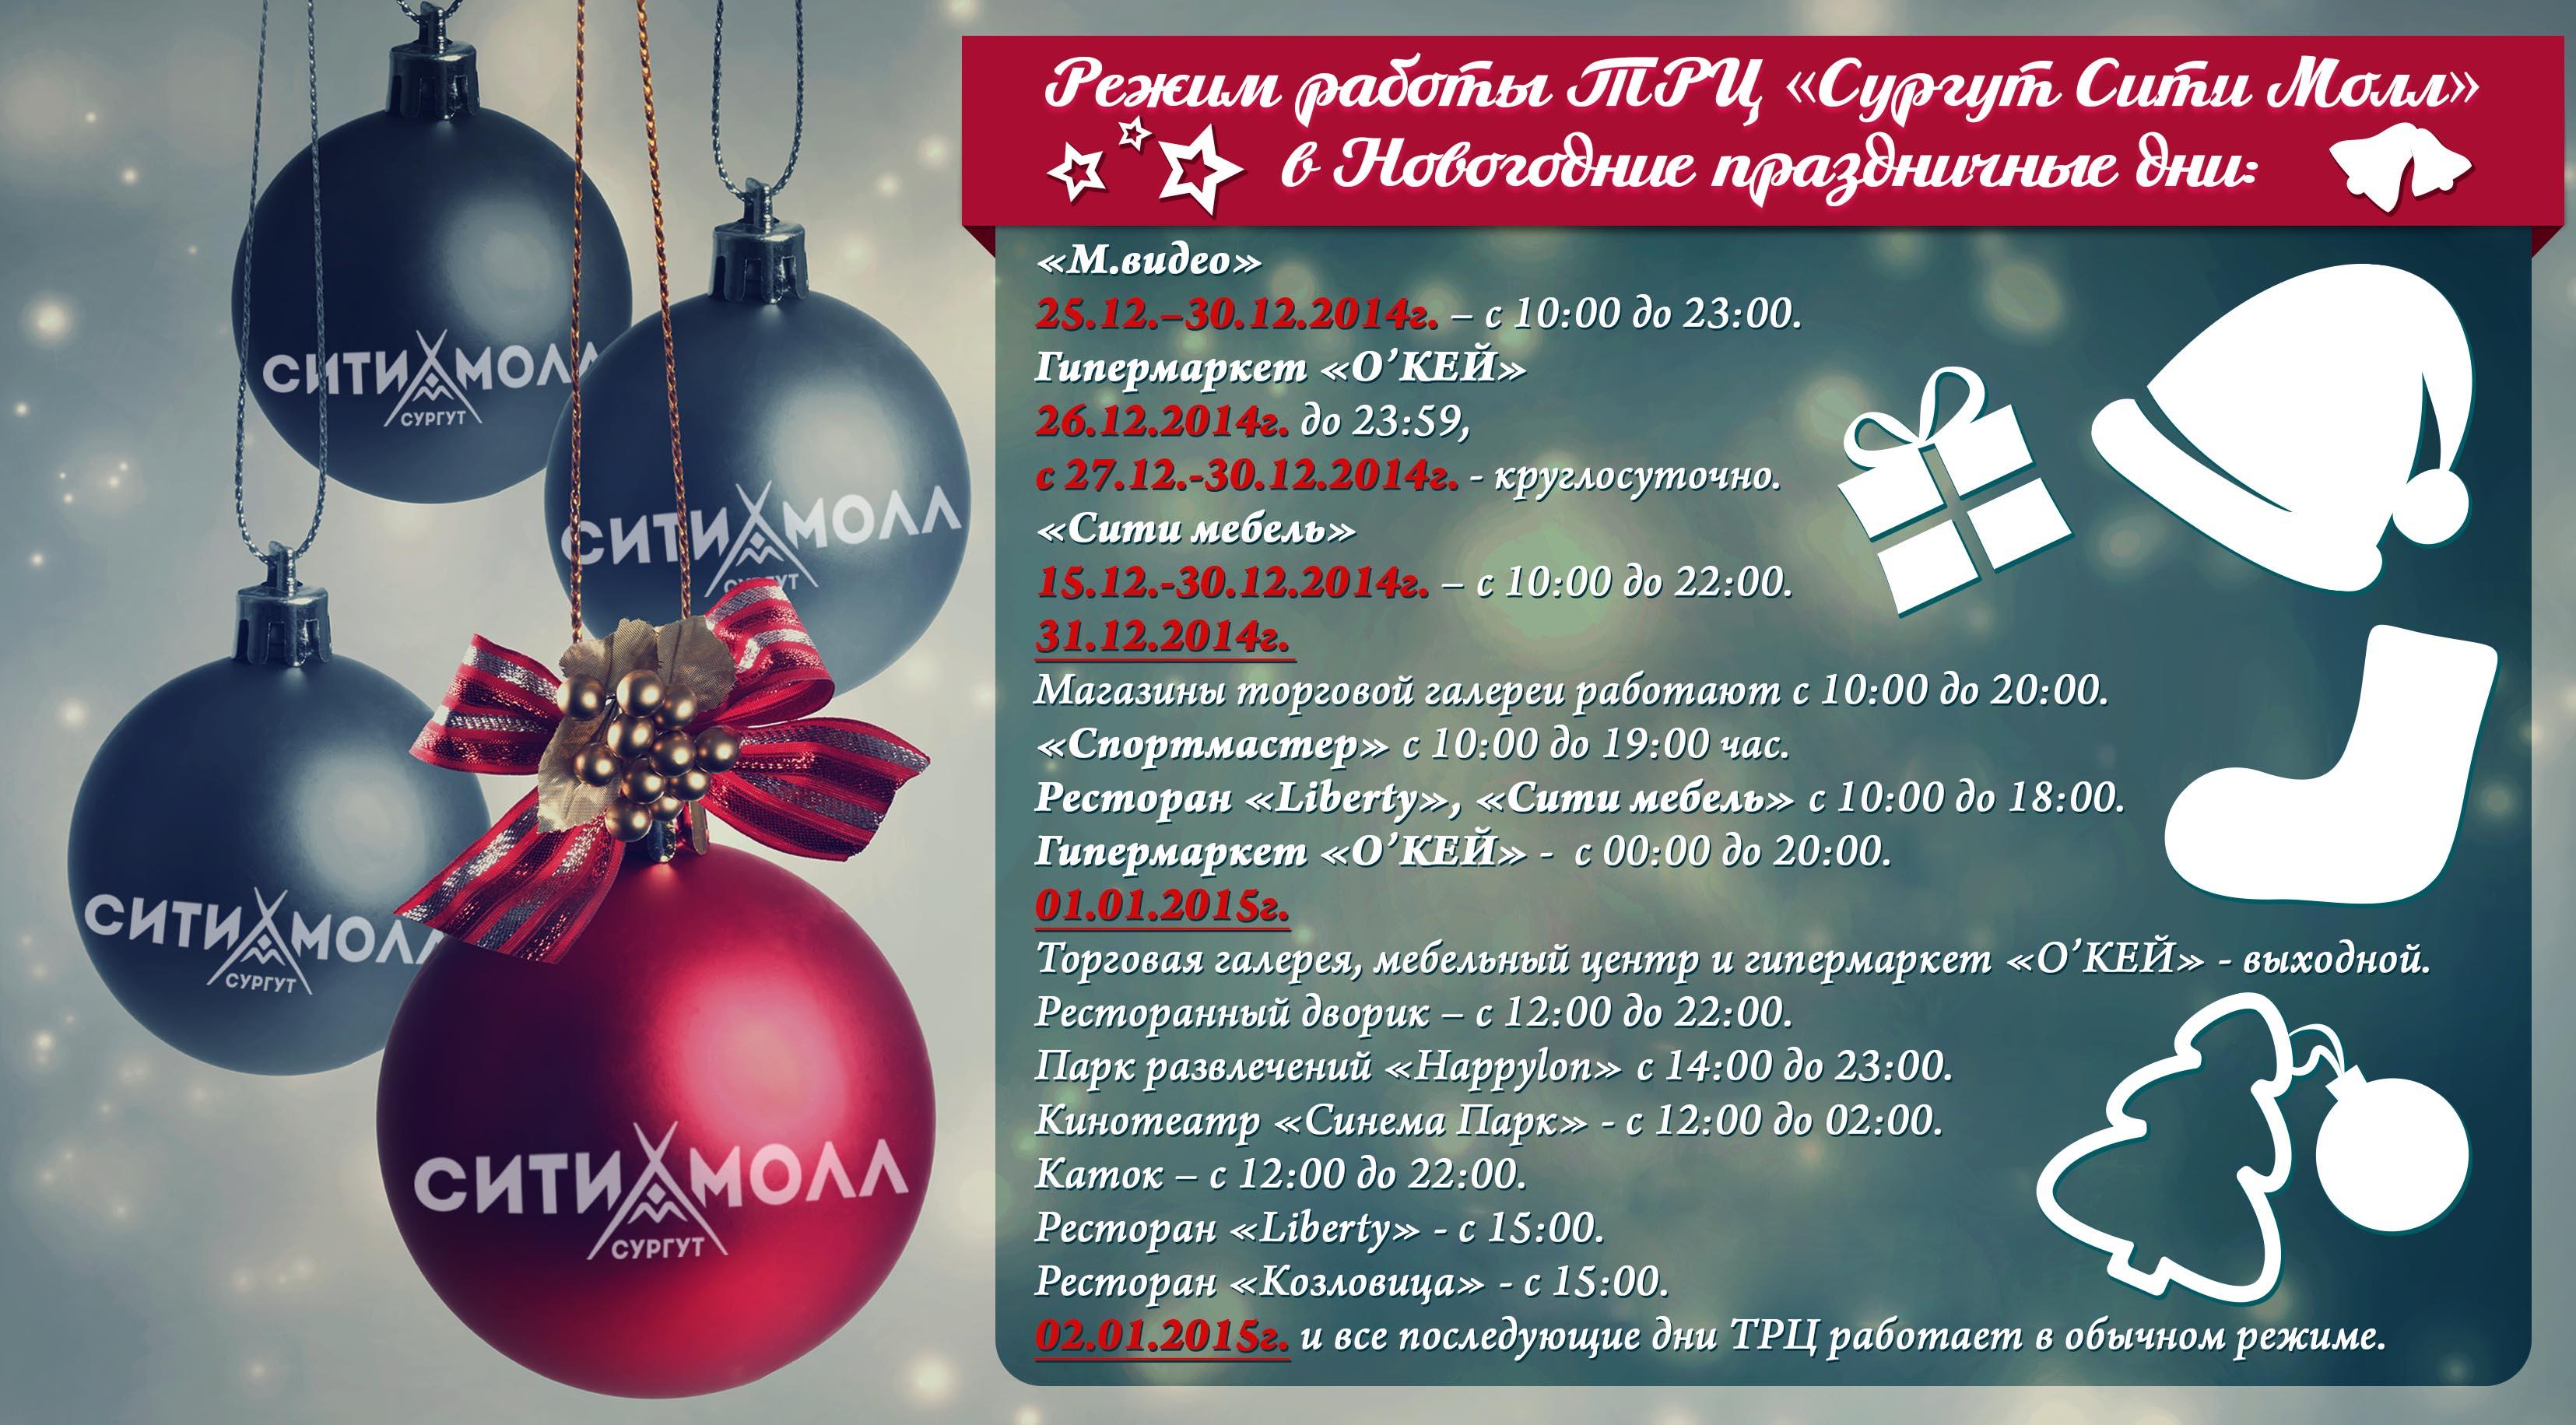 «праздничный карантин» продлят до 24 января — сколько дней будем отдыхать на январских праздниках